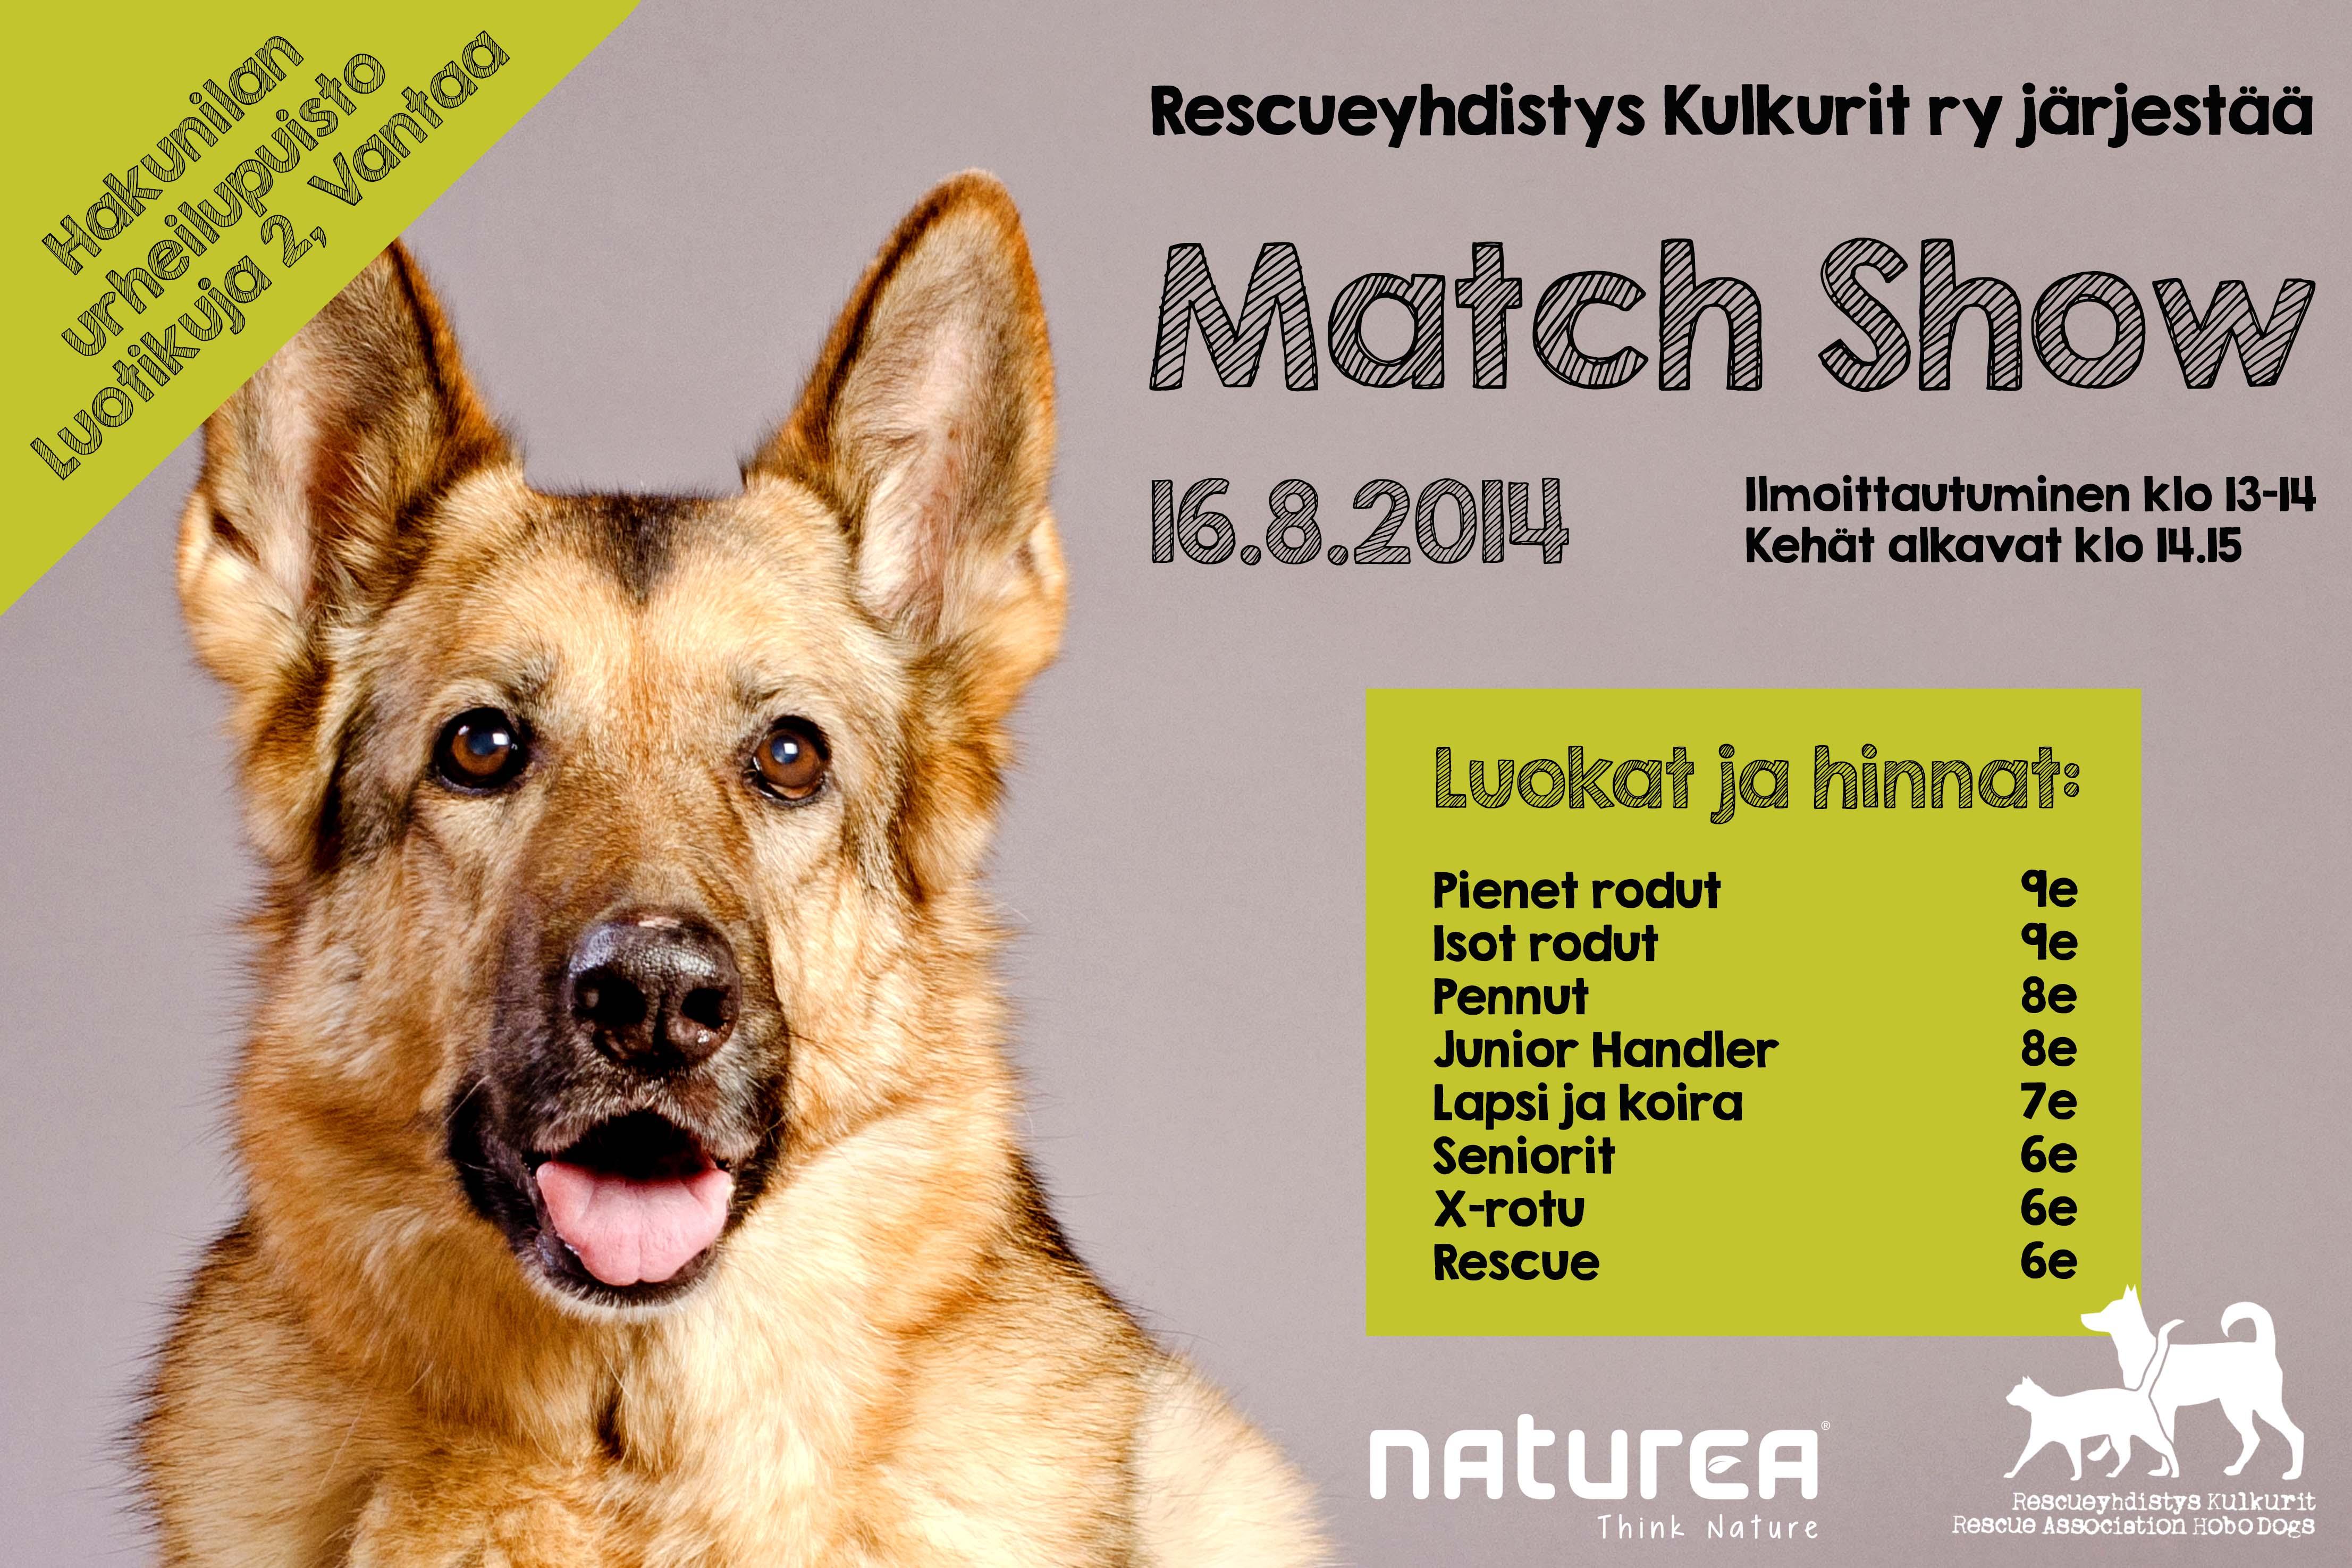 FINAL_Naturea_matchshow2014_kulkurit_LR